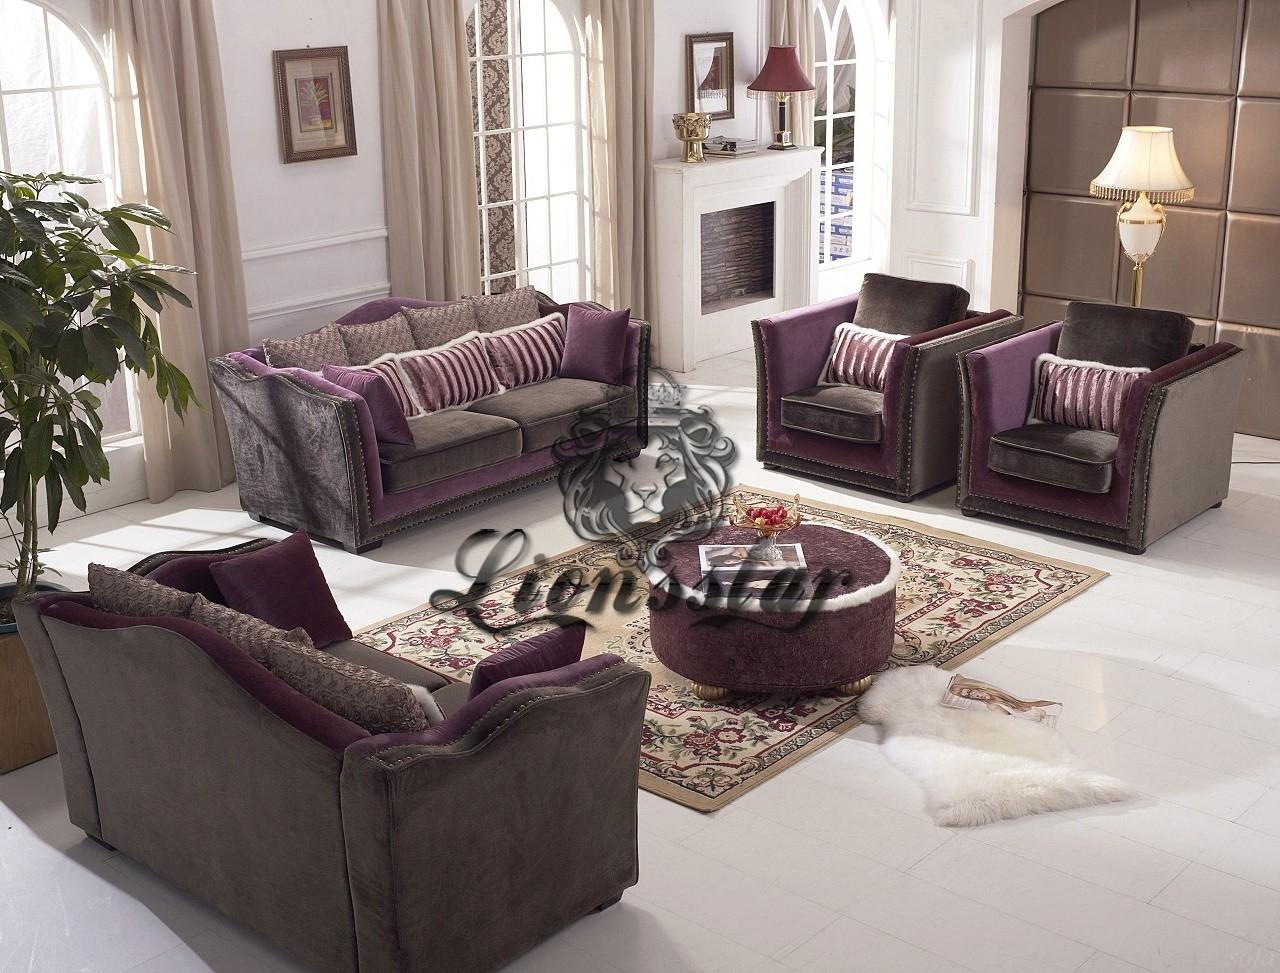 wohnzimmer couch schwarz alle ideen f r ihr haus design